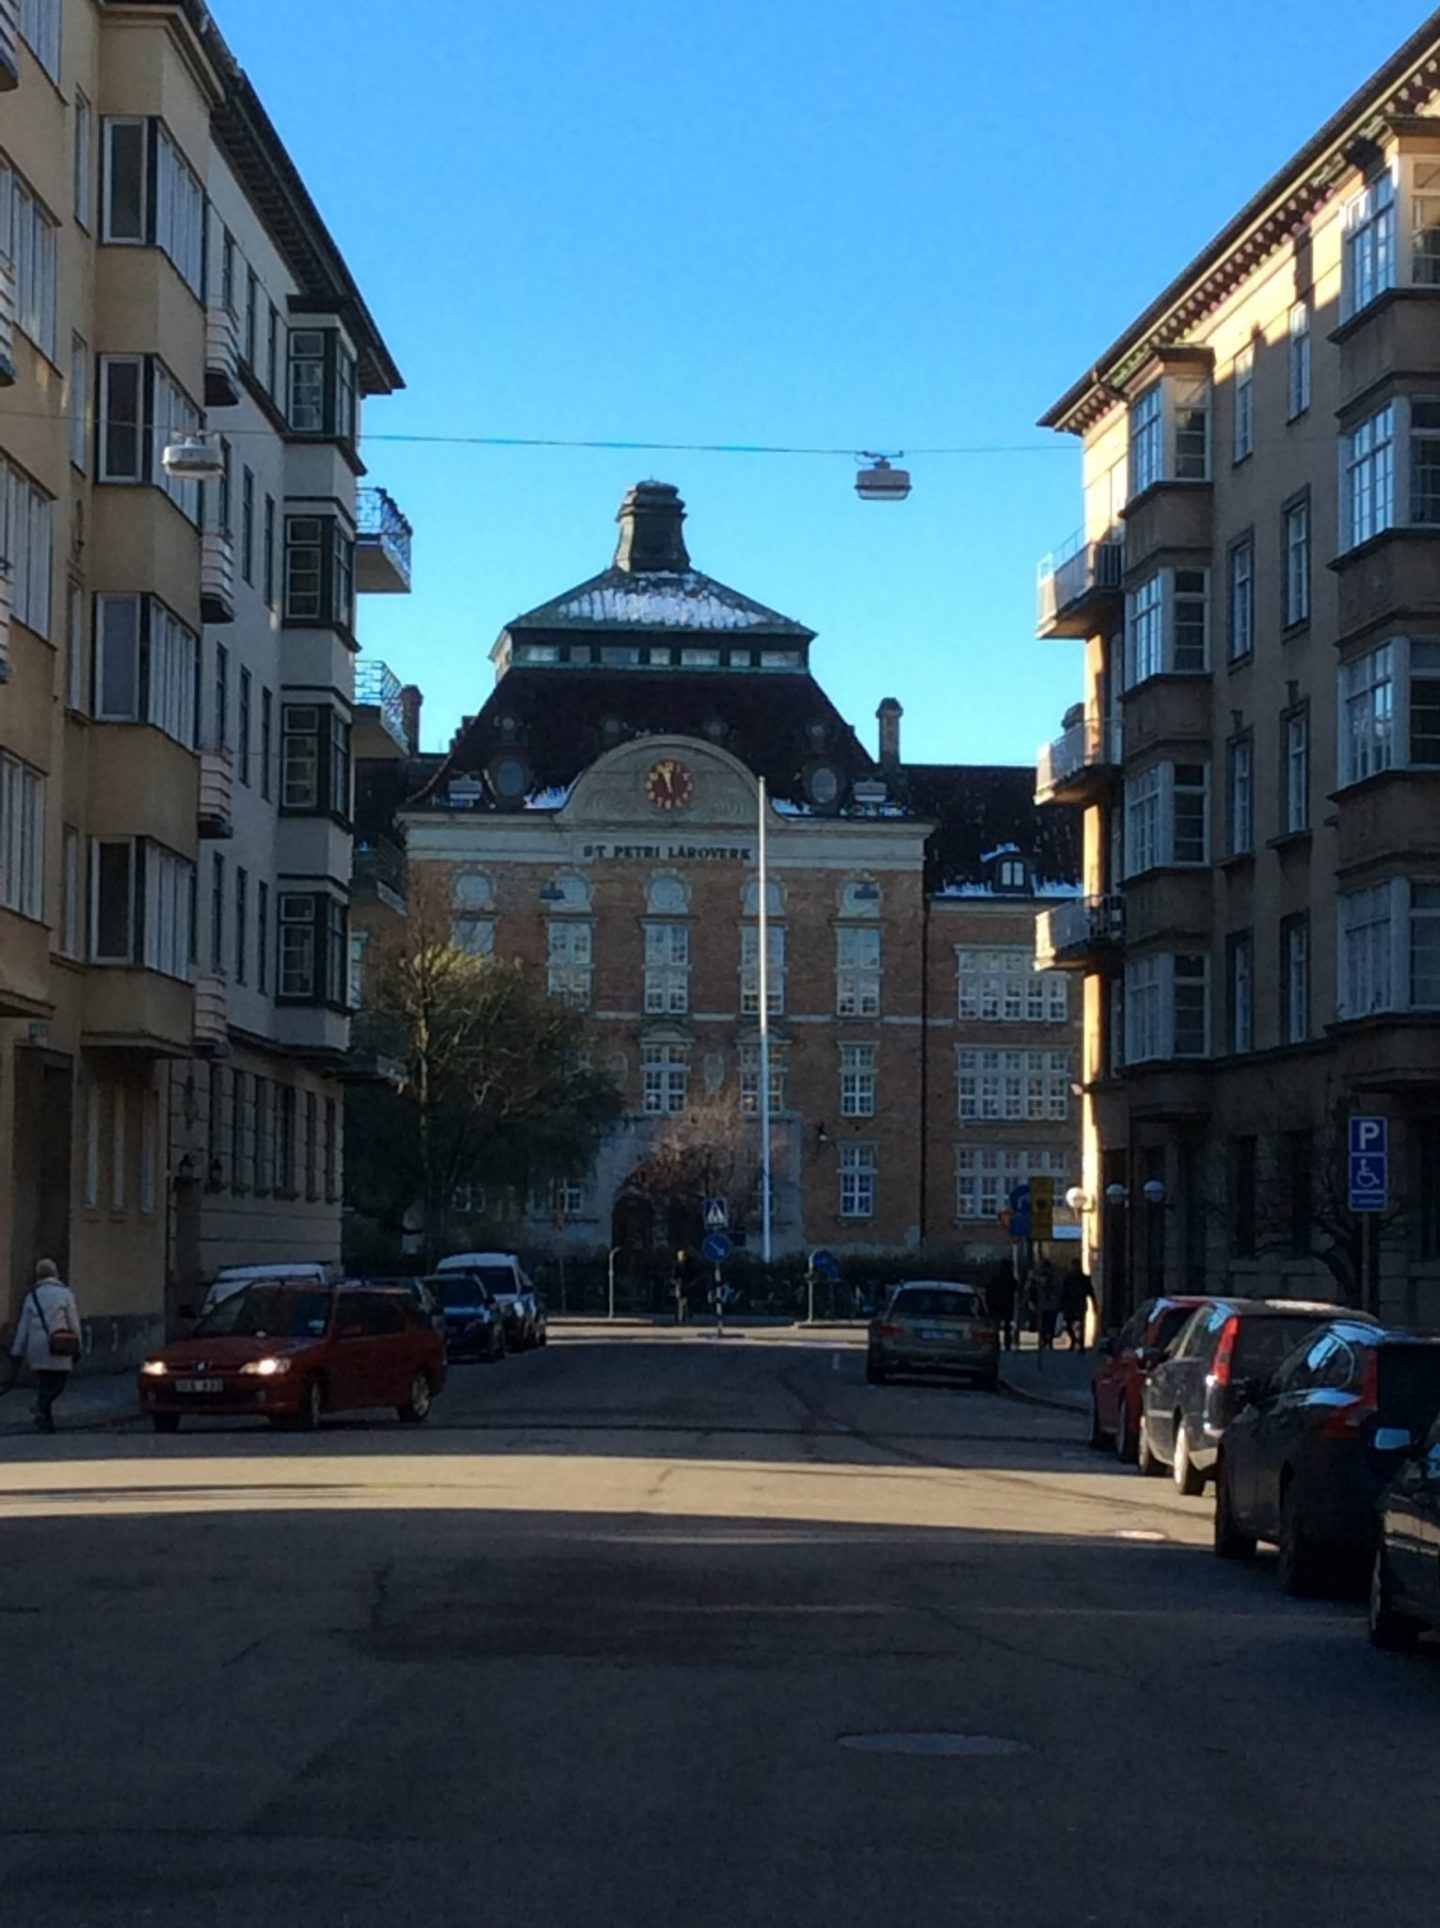 IMG 0146 1440x1928 - Malmö and the history